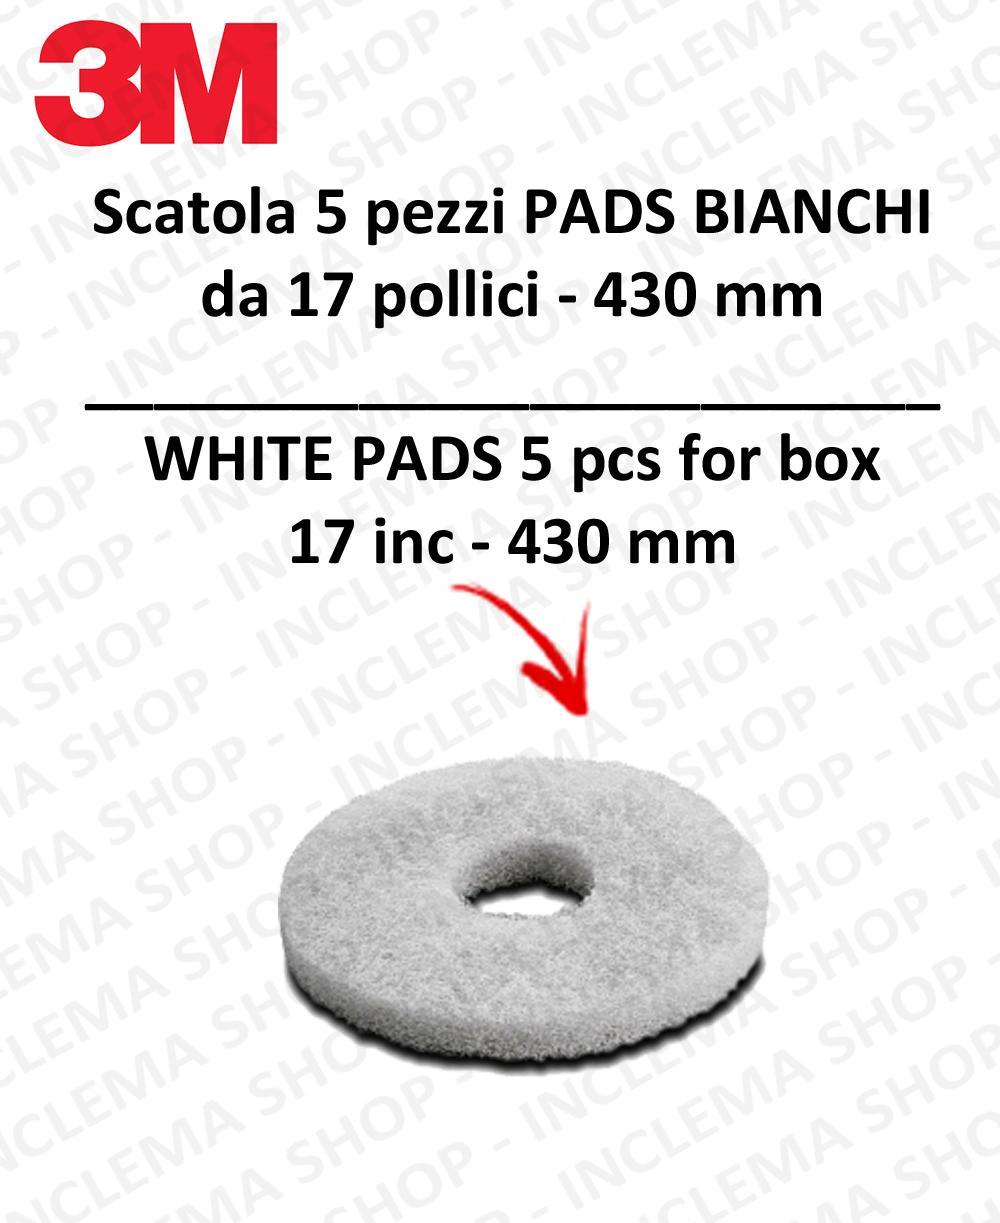 PAD 3M 5 PEZZI  Bianco 17 pollici 432 mm per lavapavimenti e monospazzole